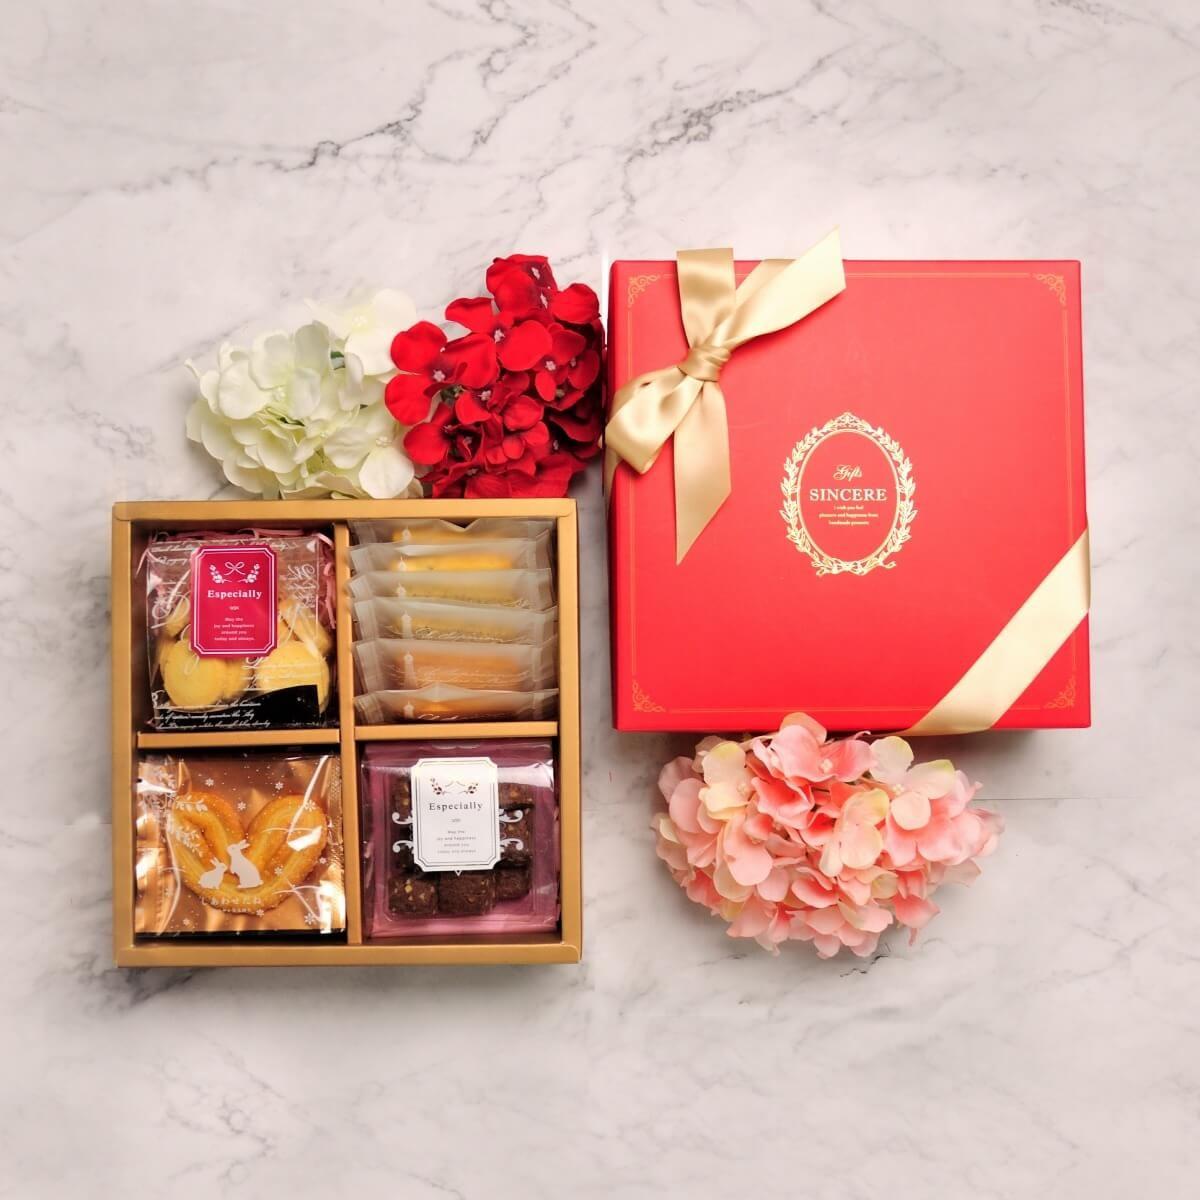 【香貝里】凡爾賽之戀禮盒 / 手工喜餅 / 伴手禮 / 附提袋